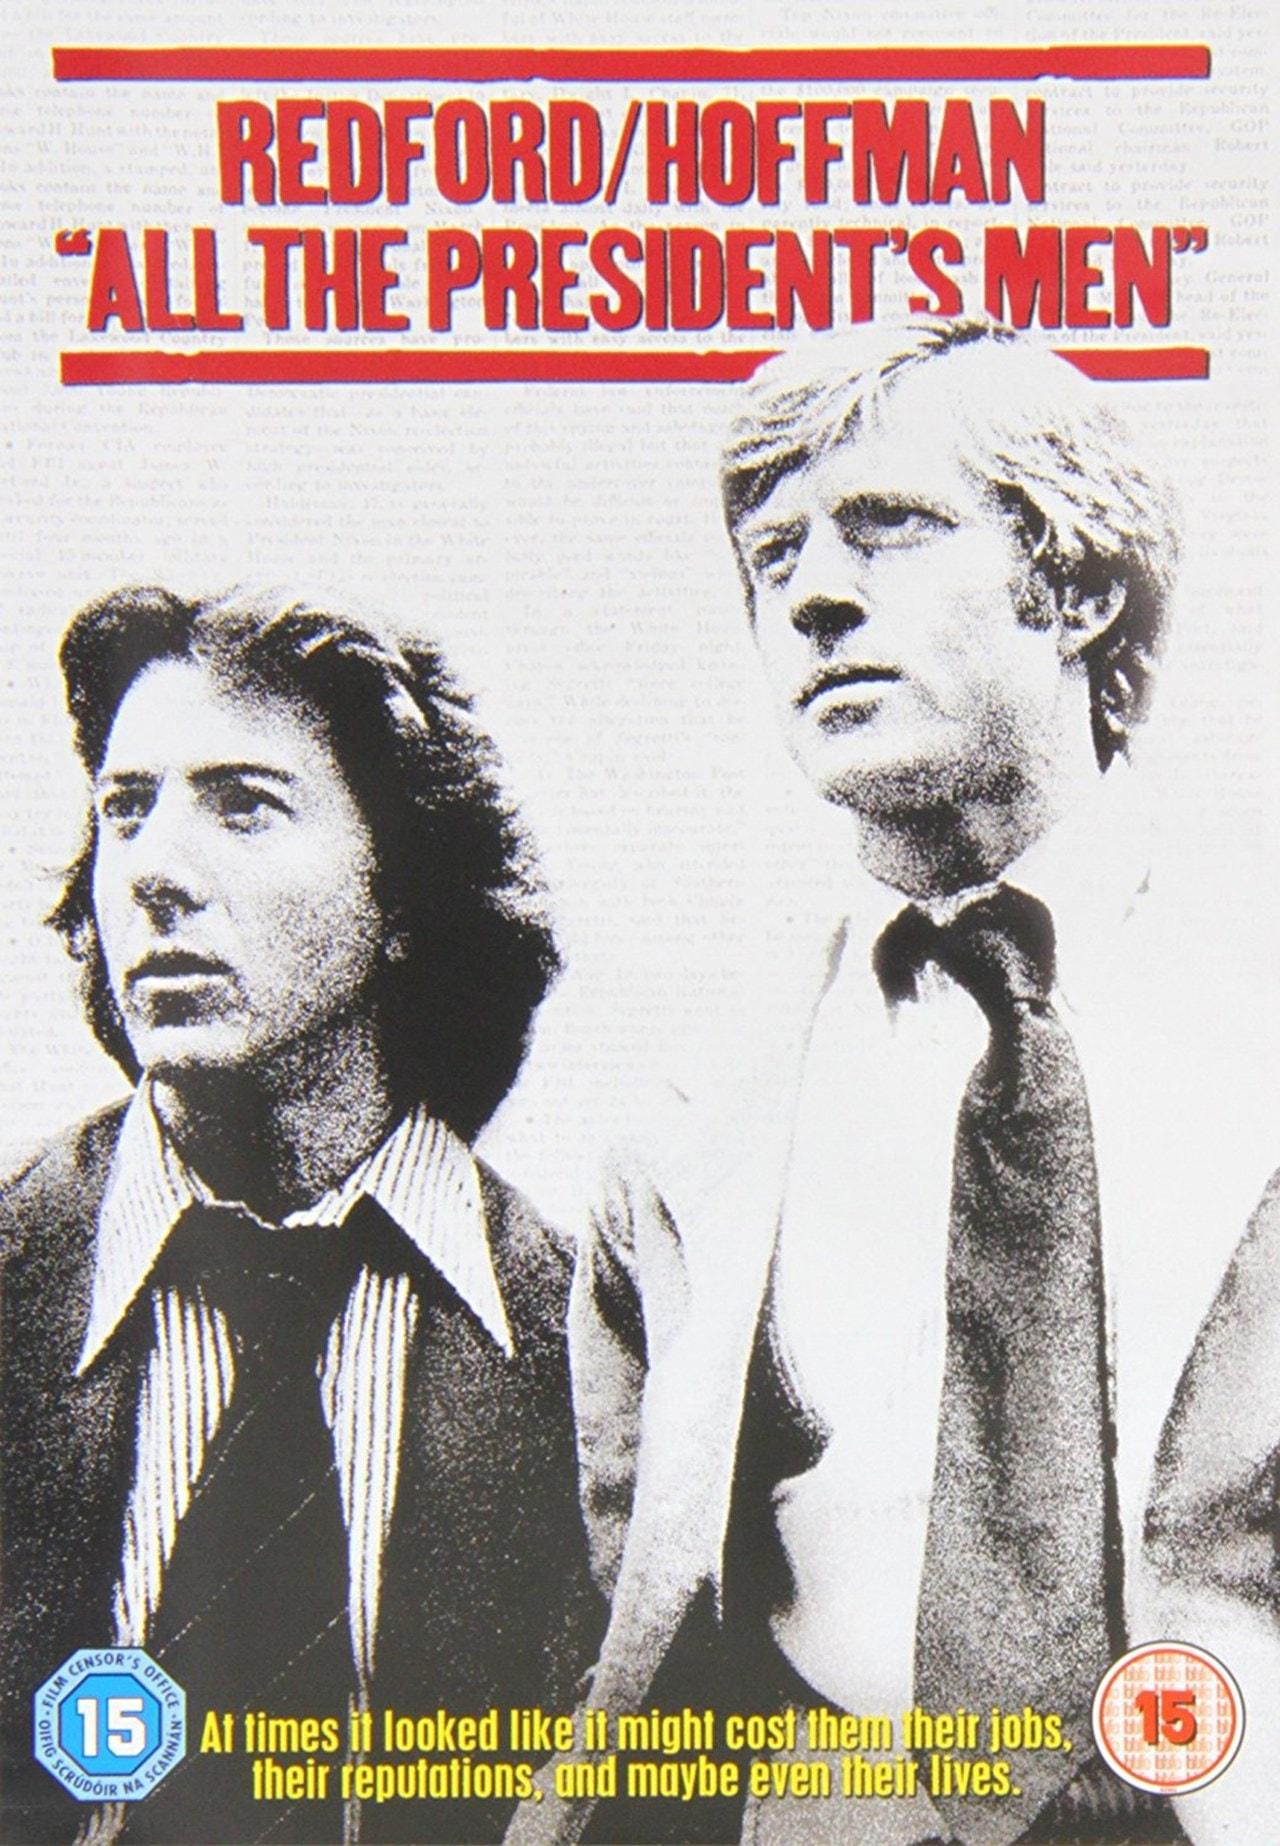 All the President's Men - 1